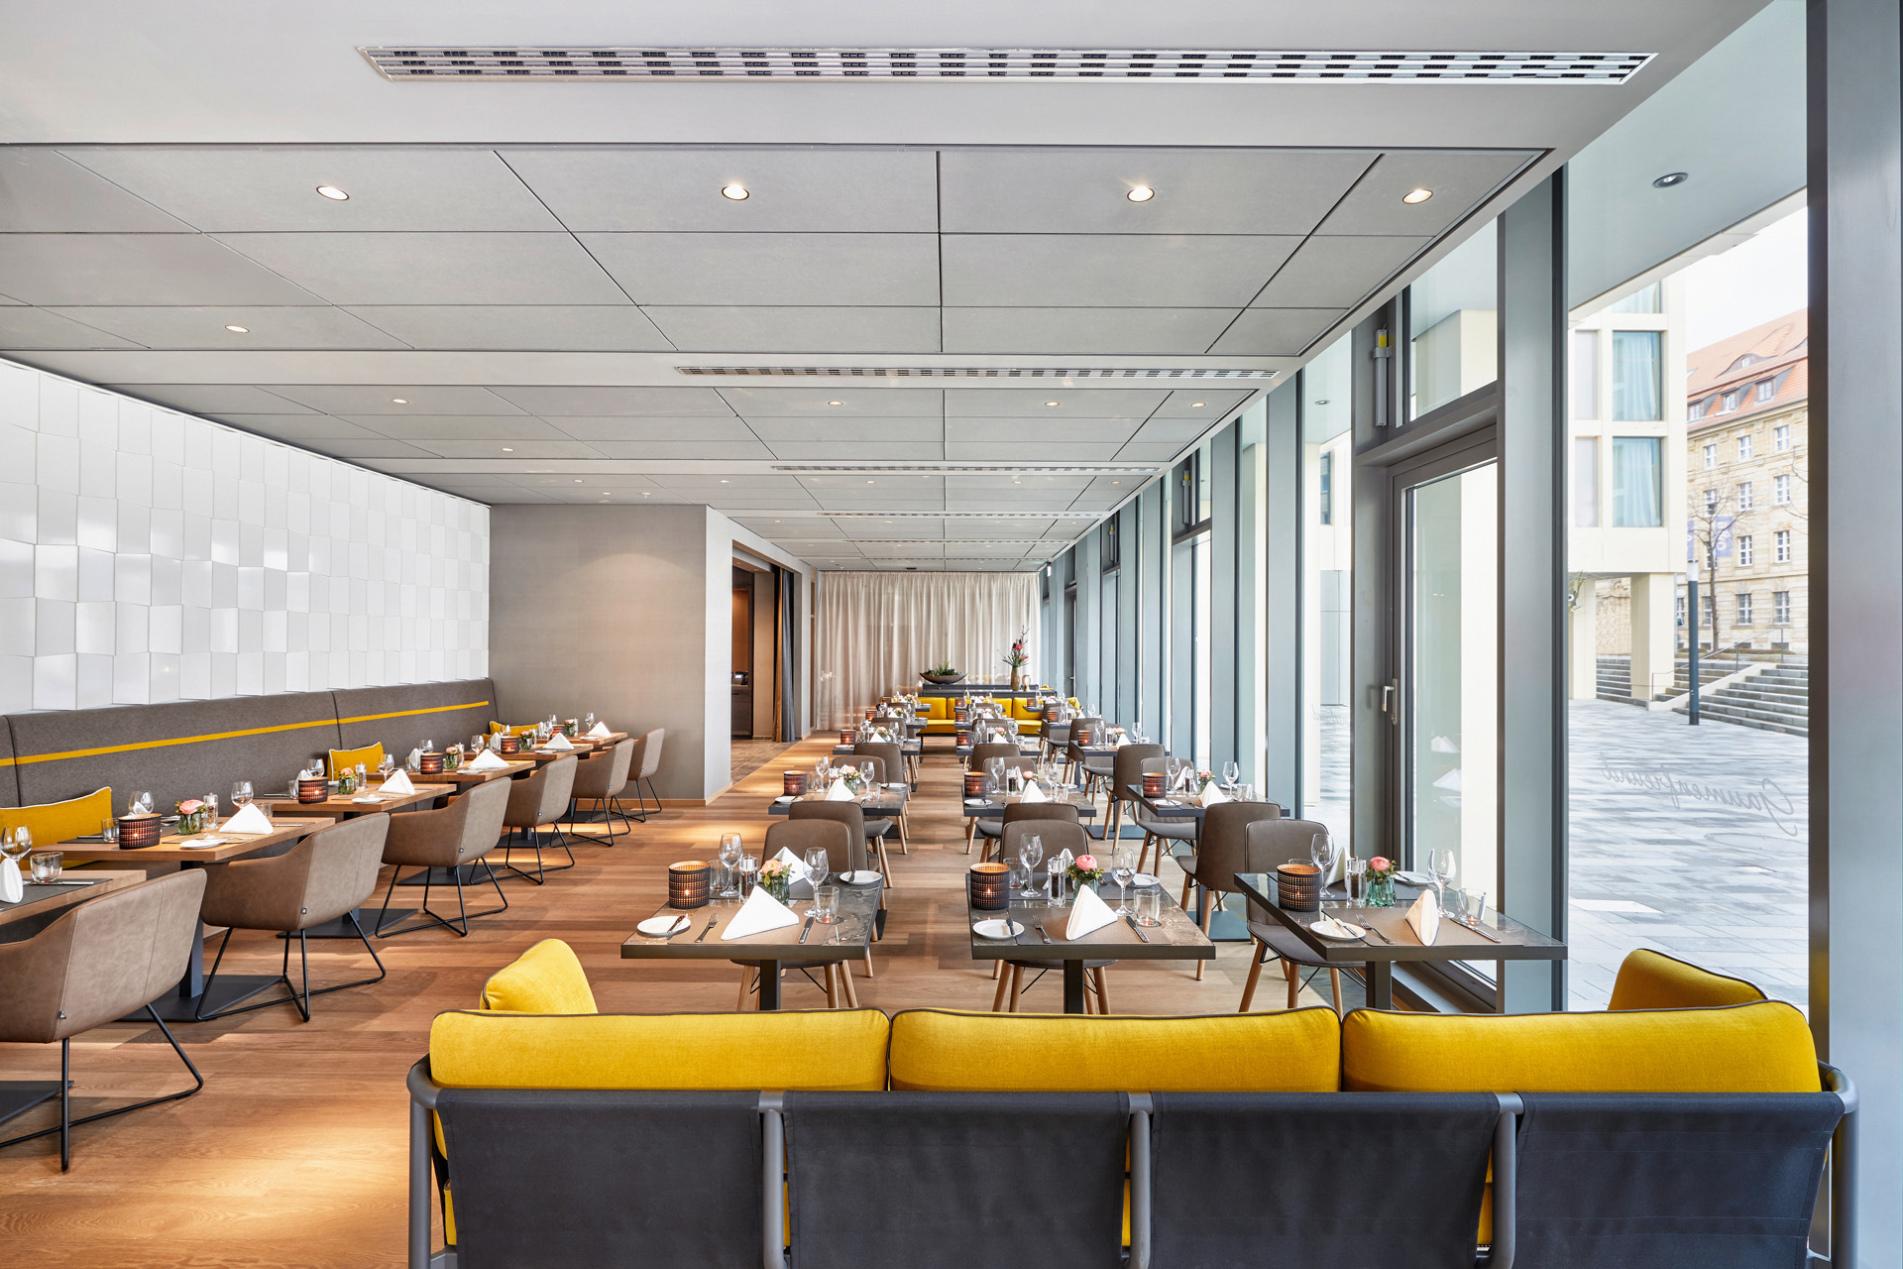 H Hotels Restaurant 03 Hyperion Hotel Leipzig Original (kommerz